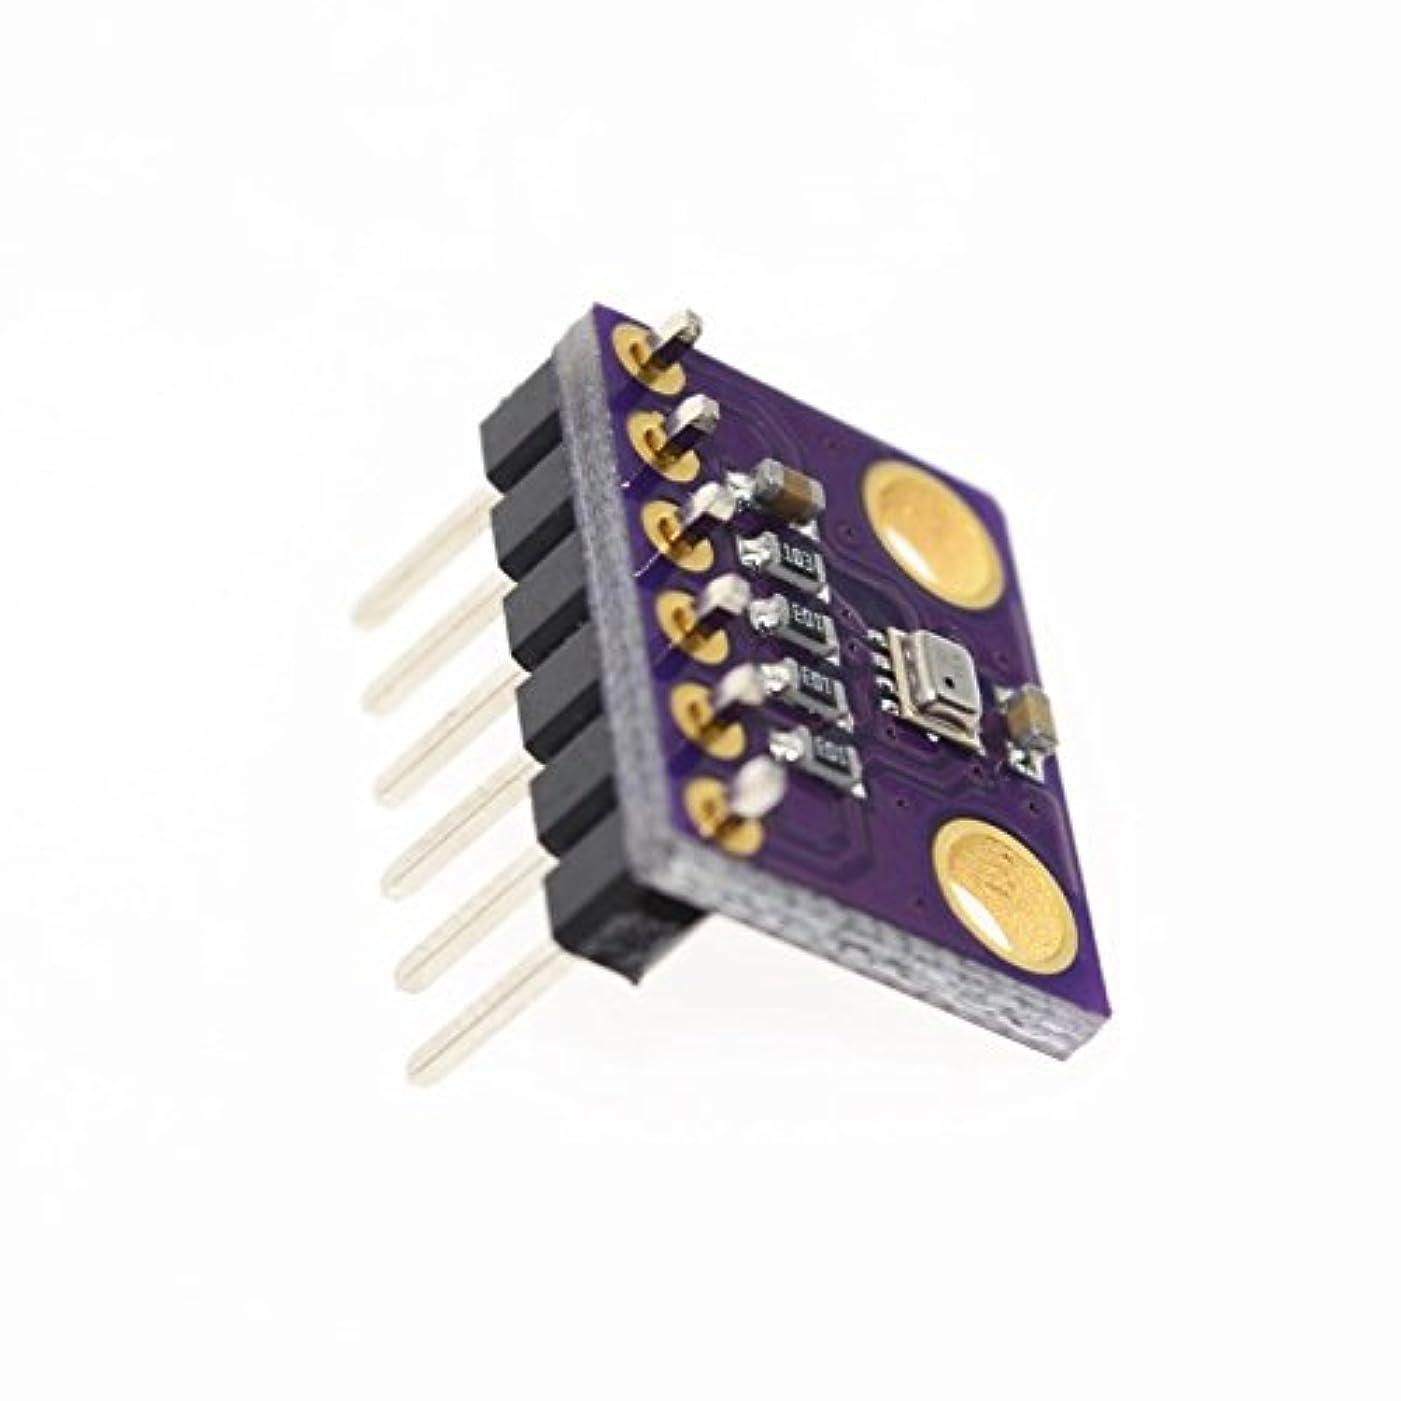 豪華な突破口メタリックSemoic GY-BMP280-3.3 Arduino用高精度大気圧センサーモジュール